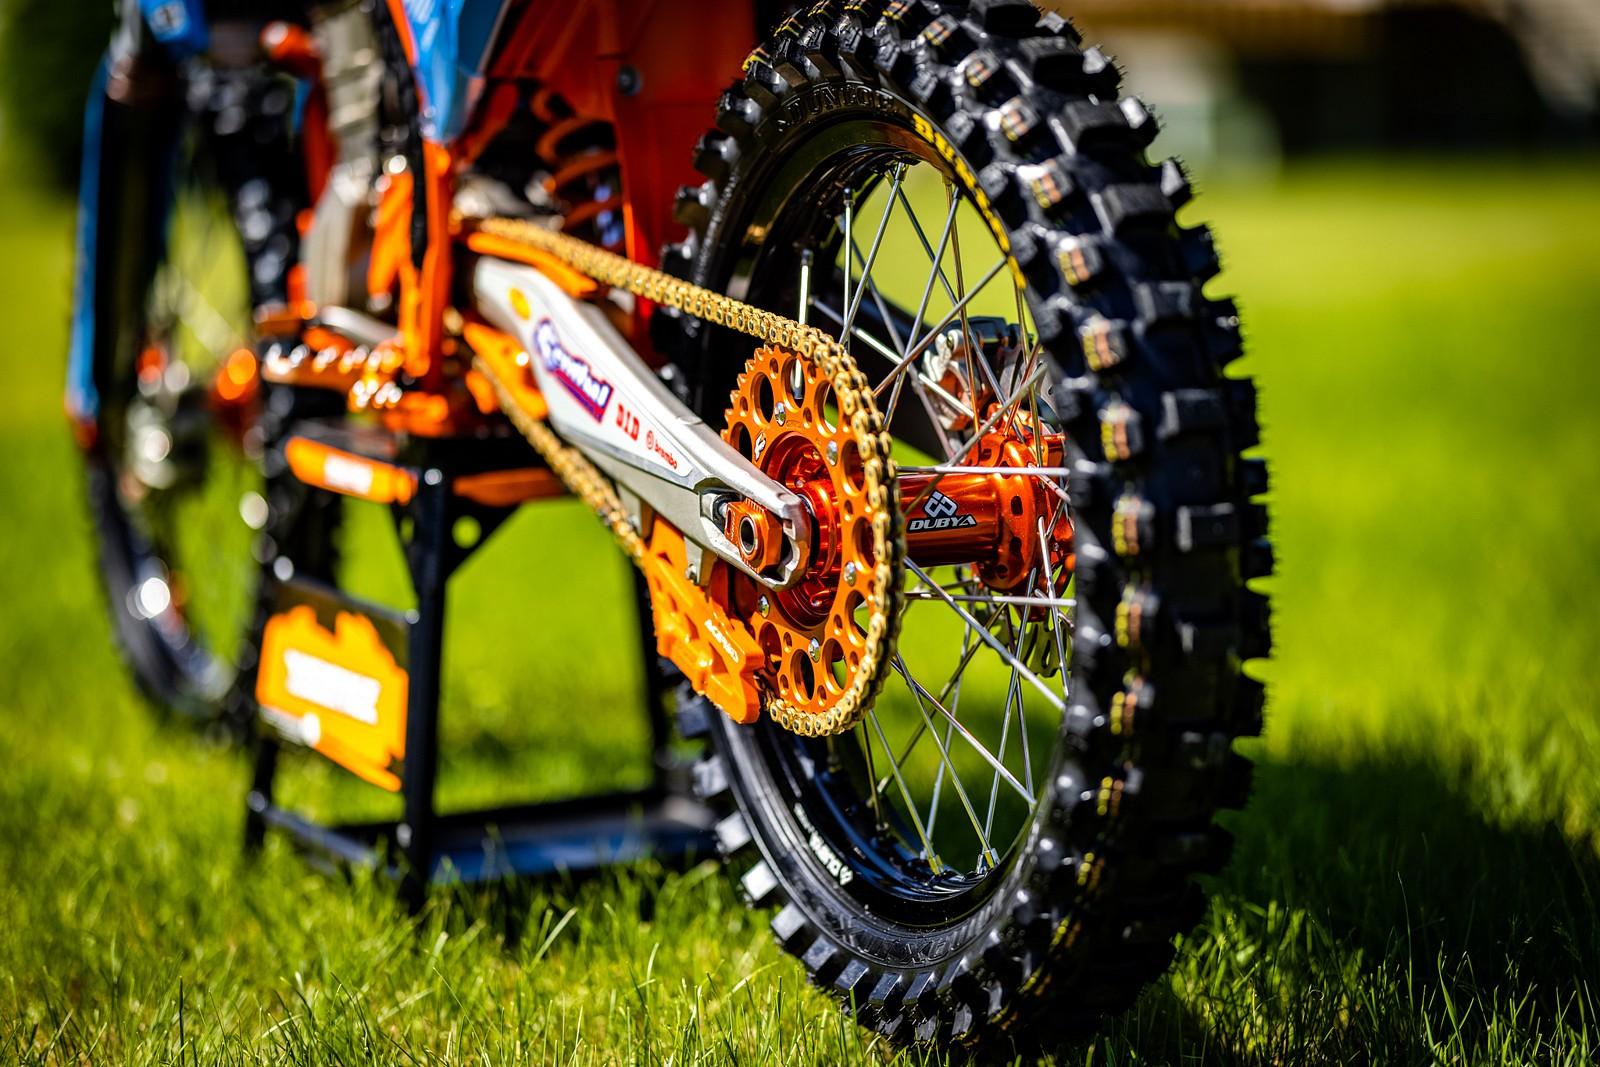 ktm 8 - GForce MMG - Motocross Pictures - Vital MX